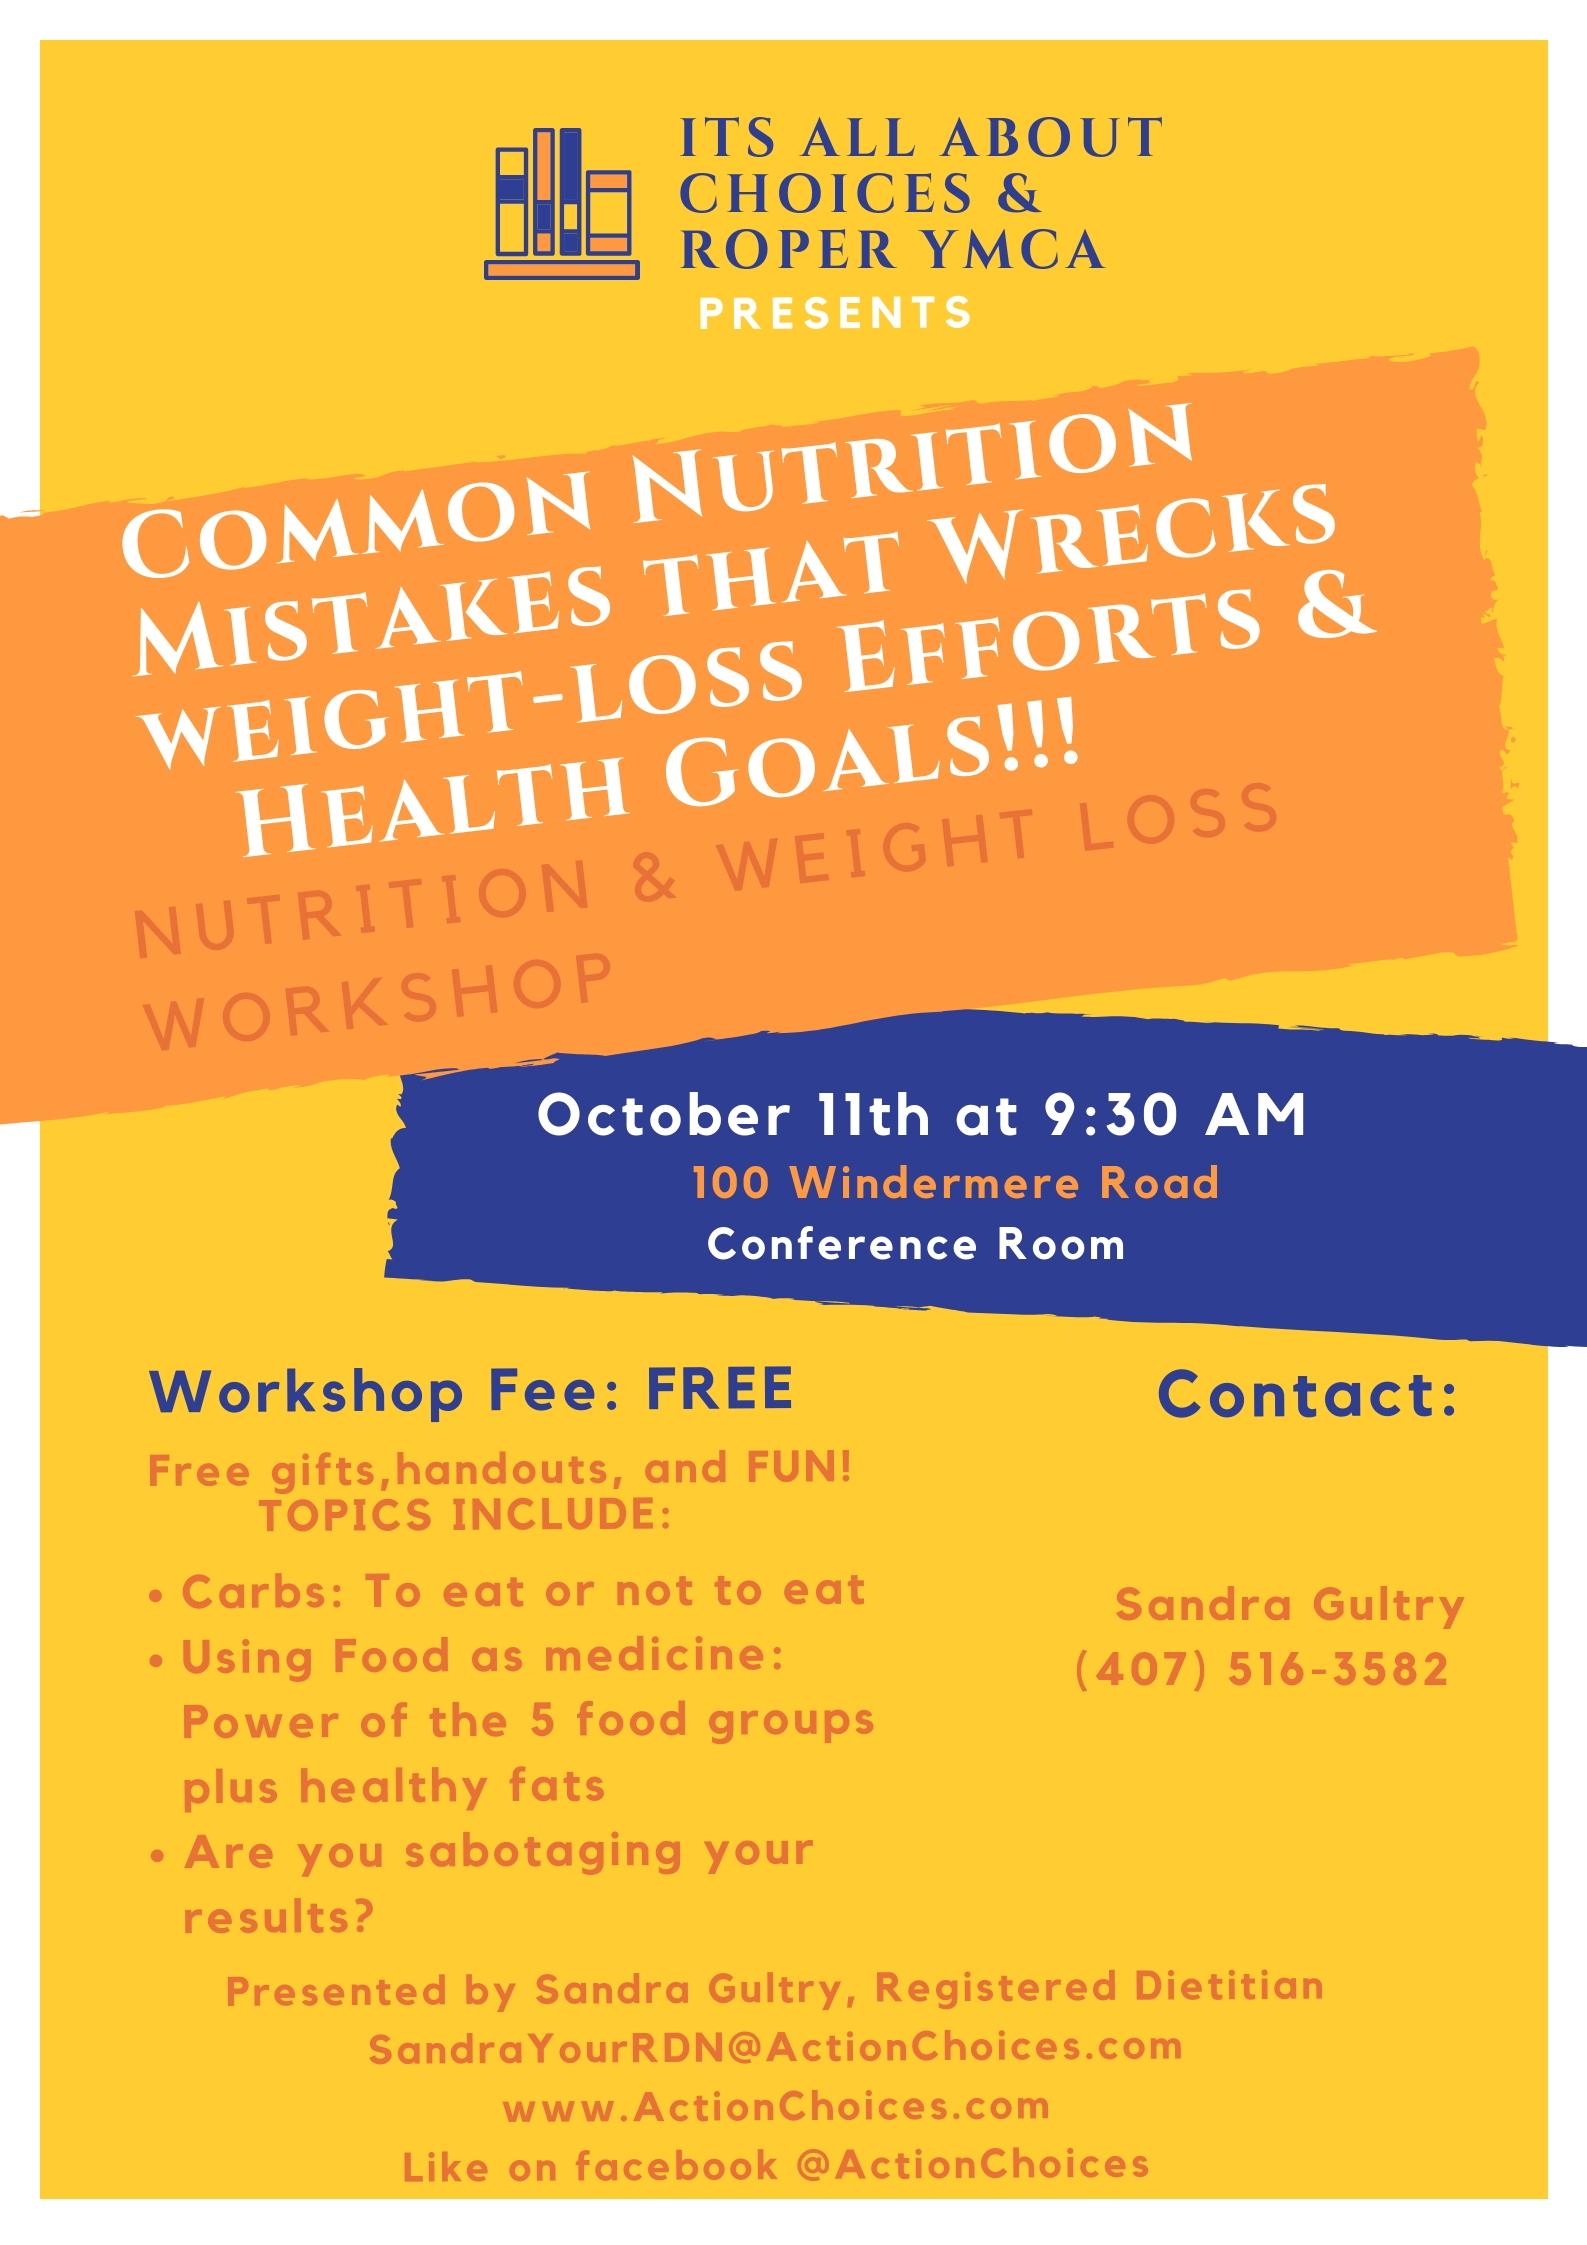 Roper YMCA Nutrition Workshop Poster